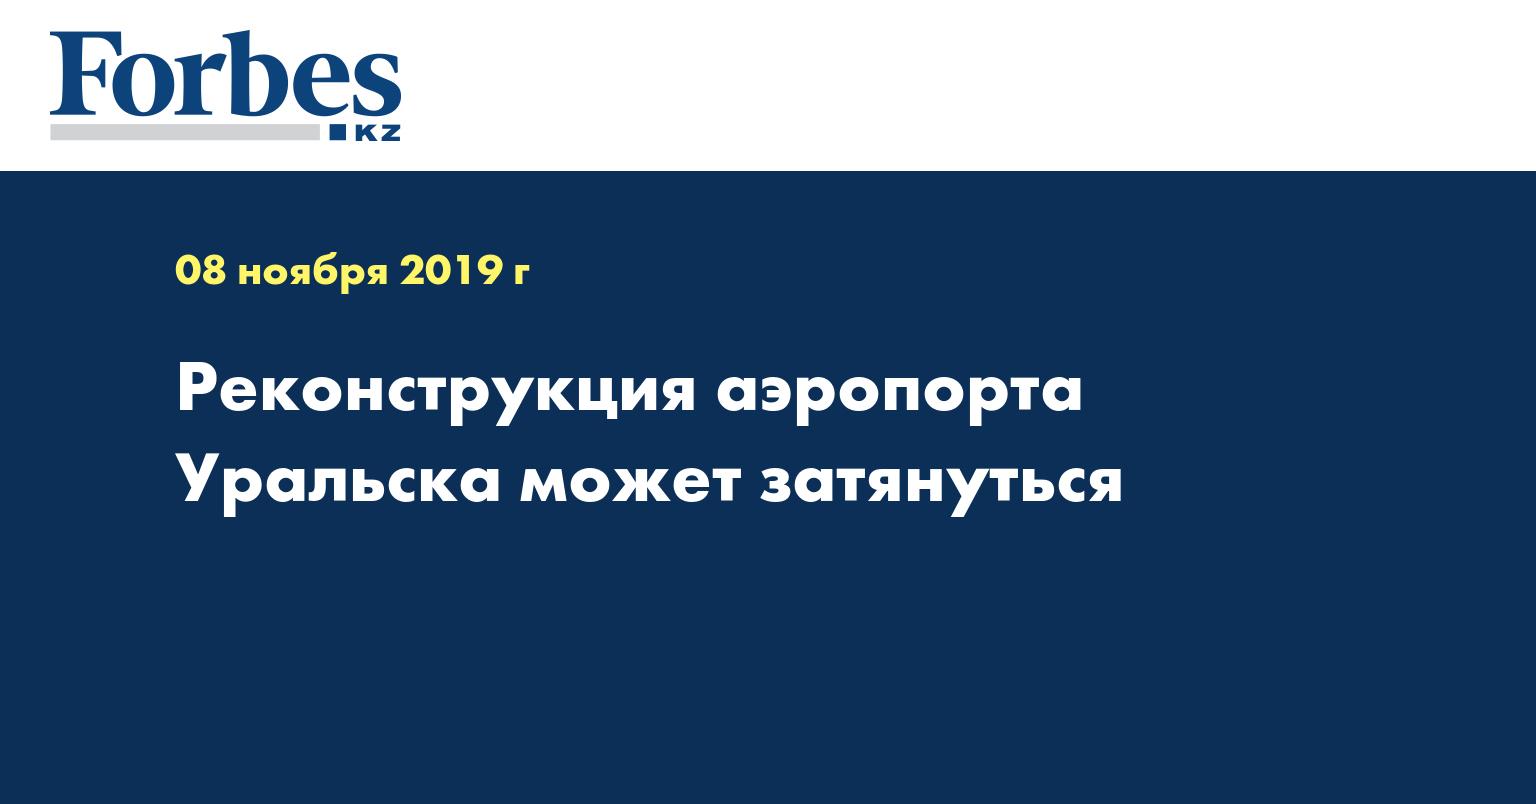 Реконструкция аэропорта Уральска может затянуться